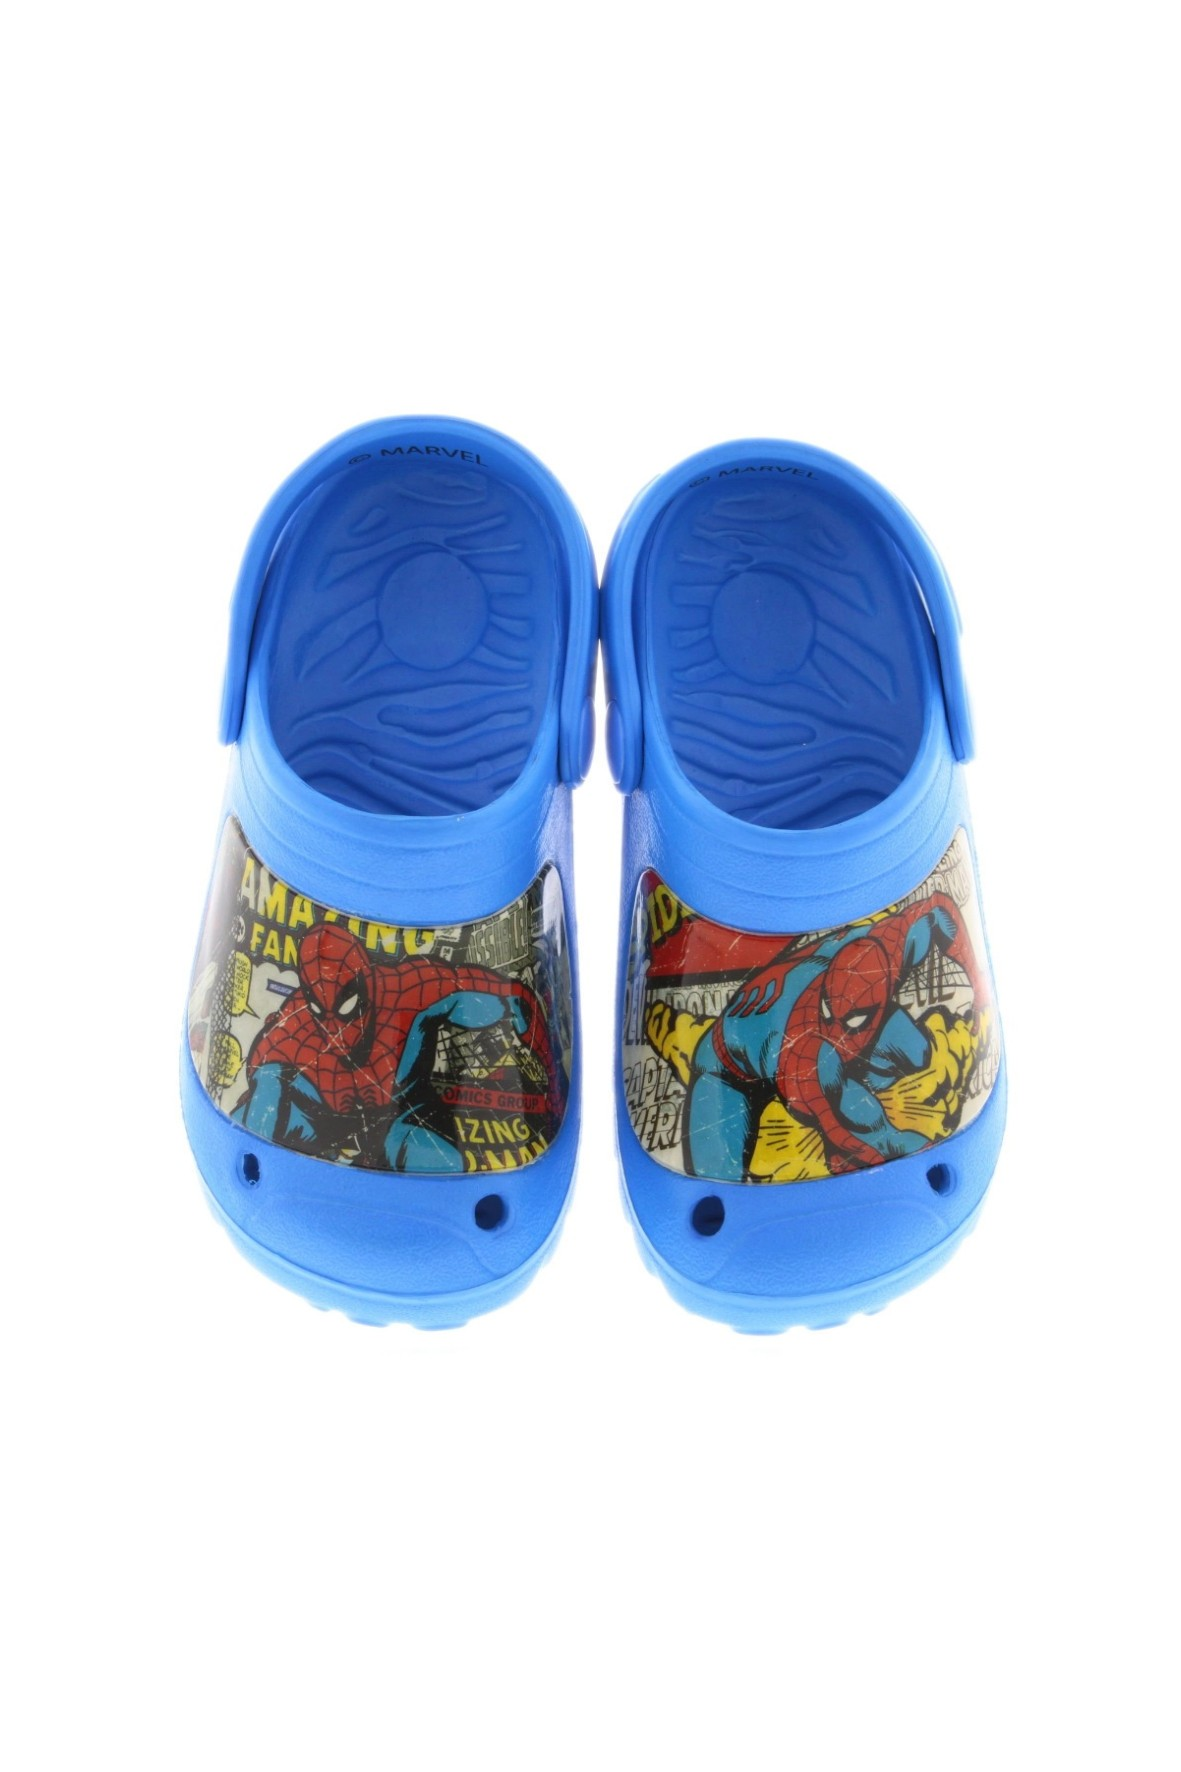 Klapki dla chłopca - Spiderman